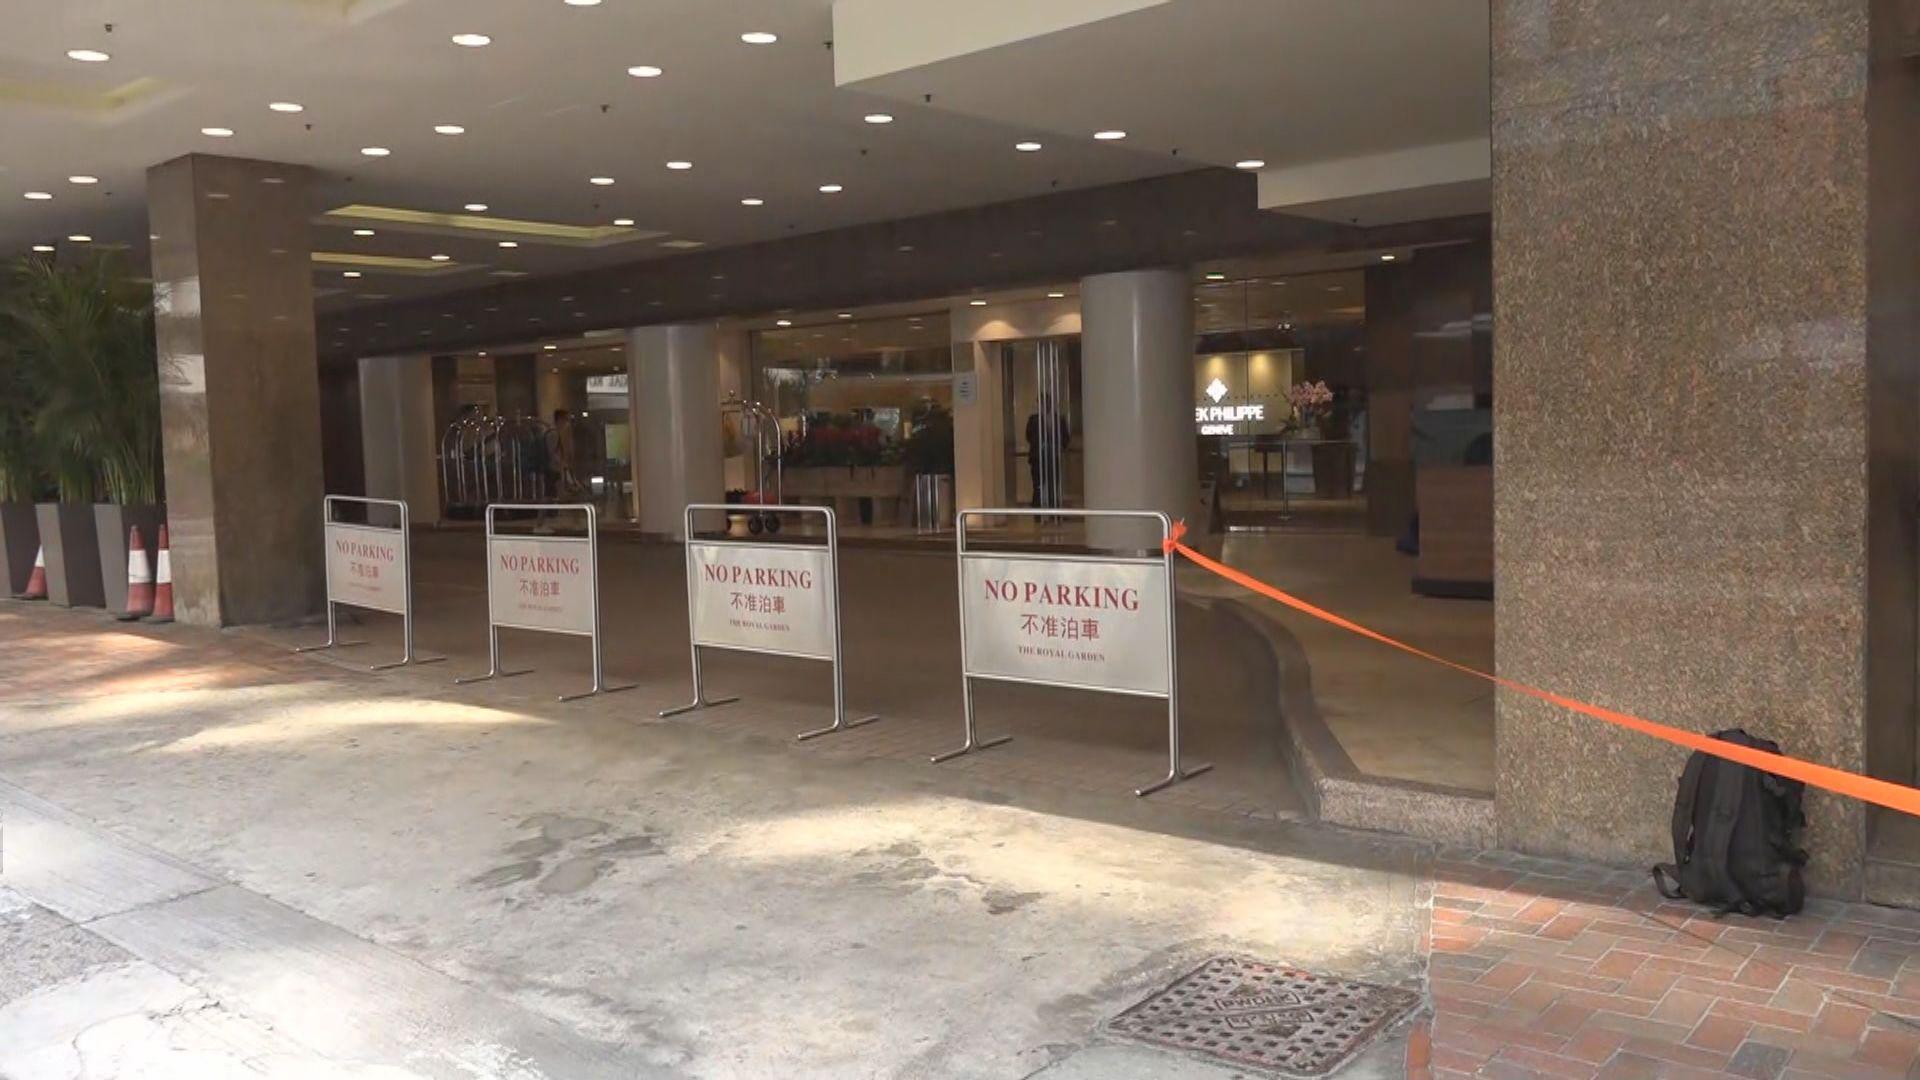 帝苑酒店接獲衞生署通知要求房客中午前撤離 酒店及各餐廳休業兩周